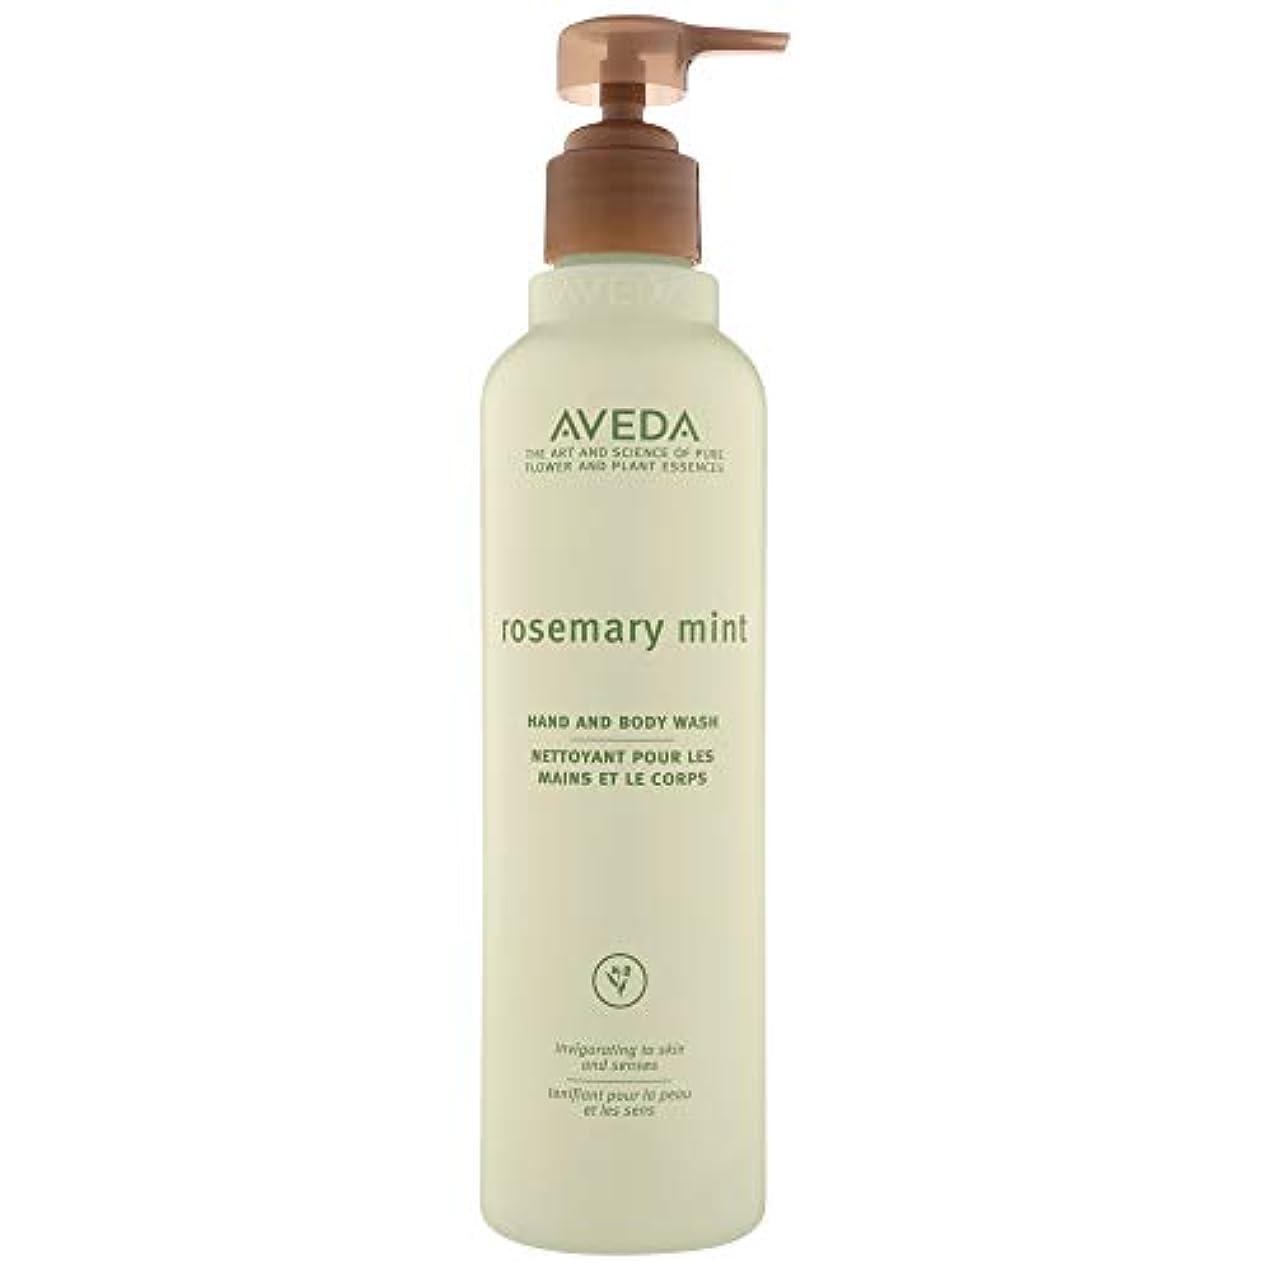 水っぽい優しいフィードバック[AVEDA] アヴェダローズマリーミント手とボディウォッシュ250ミリリットル - Aveda Rosemary Mint Hand And Body Wash 250ml [並行輸入品]